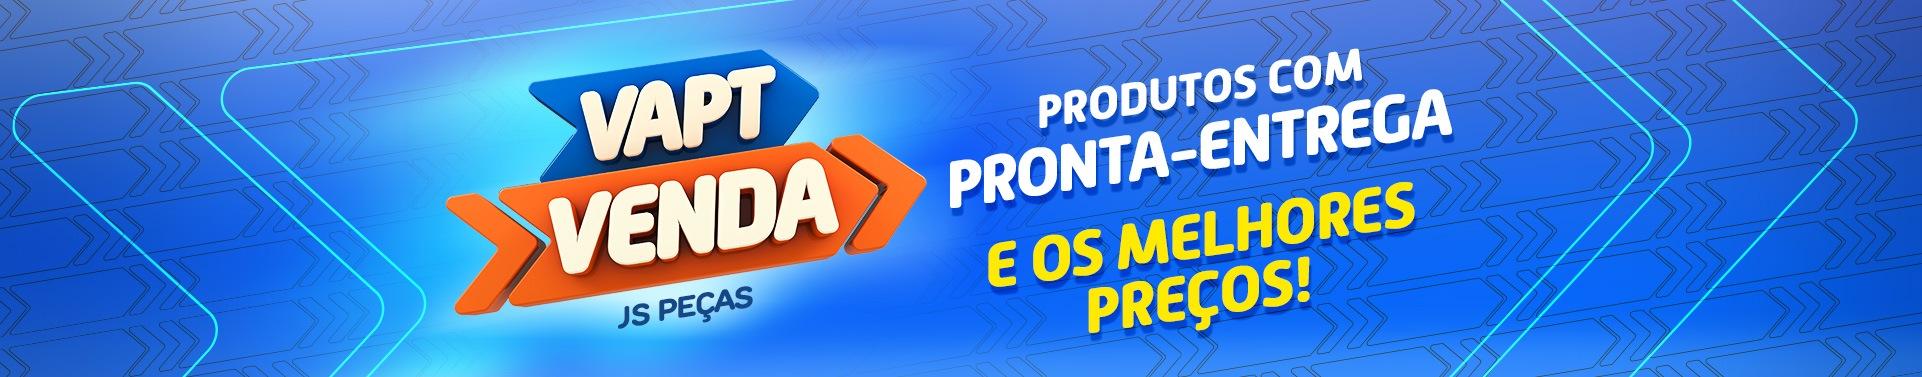 Promoção Vapt Vendas JS Peças